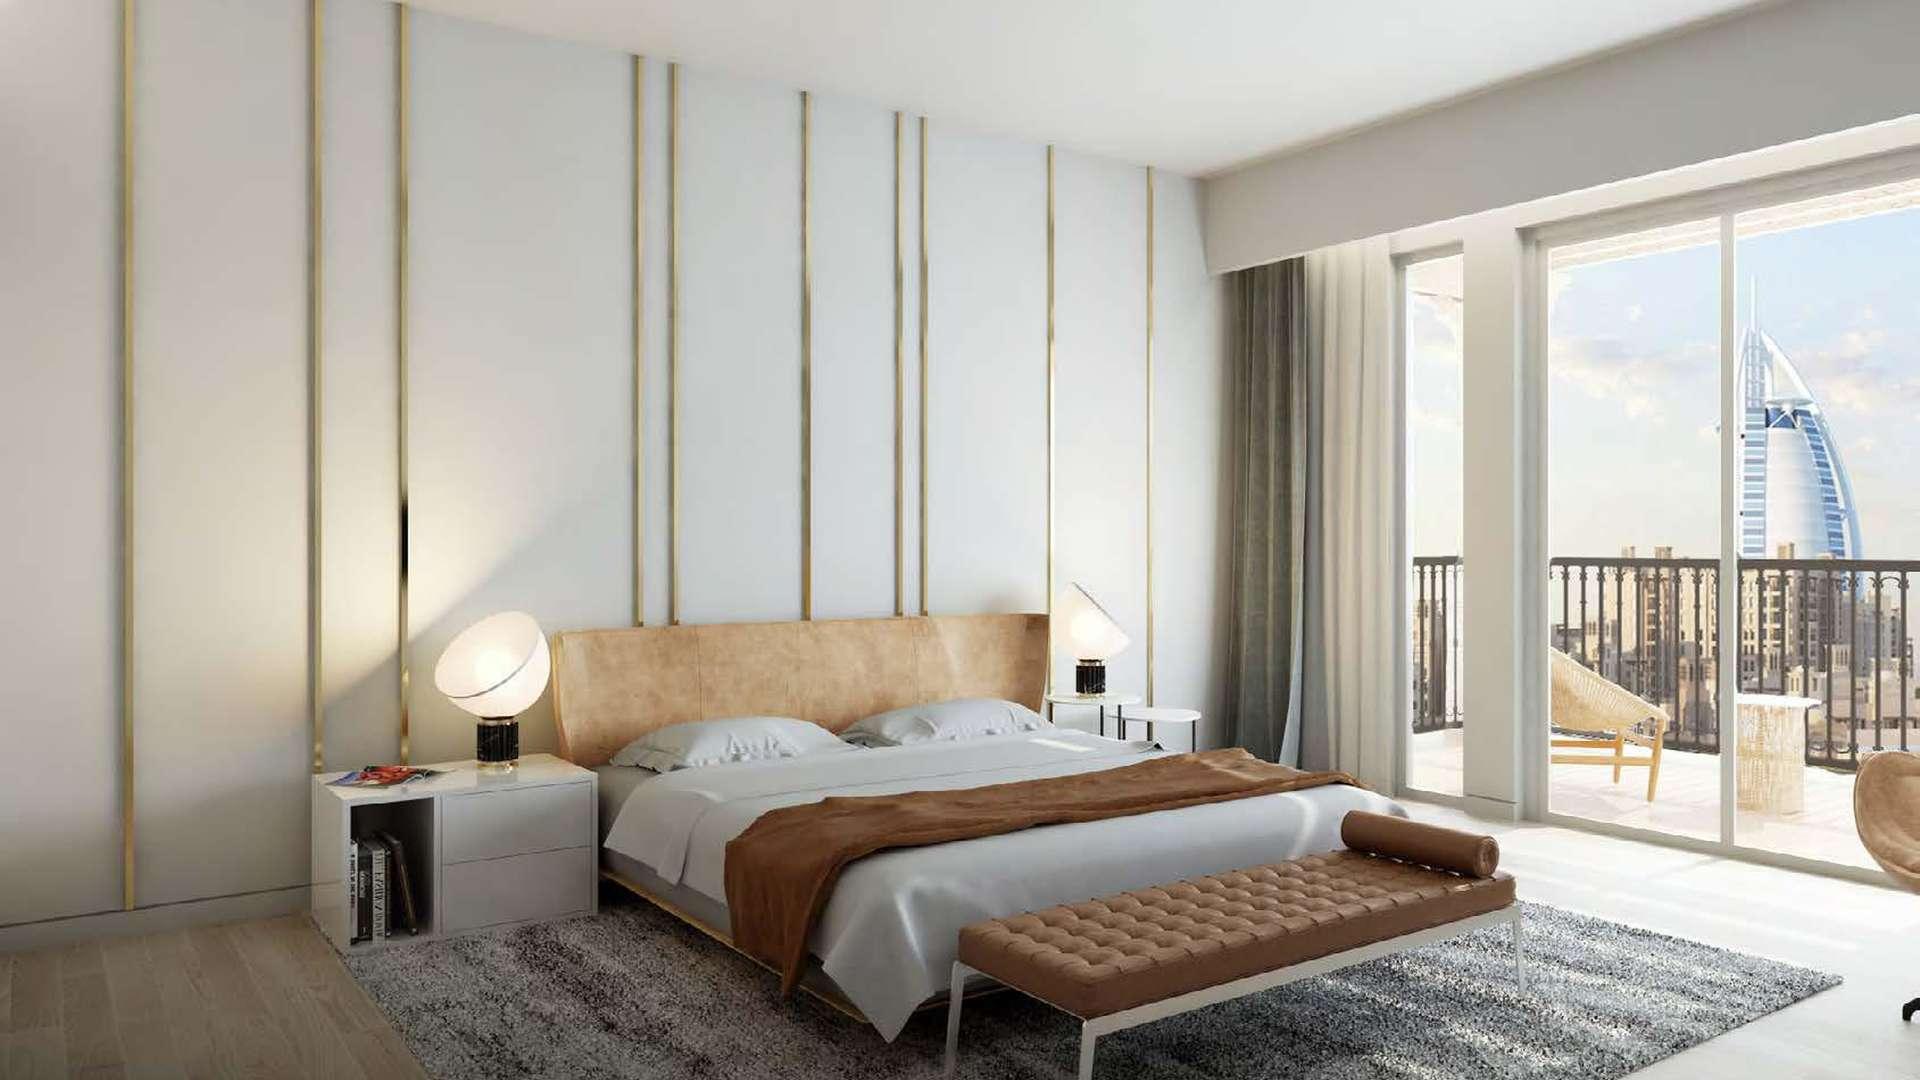 Apartamento en venta en Dubai, EAU, 2 dormitorios, 134 m2, № 24388 – foto 1